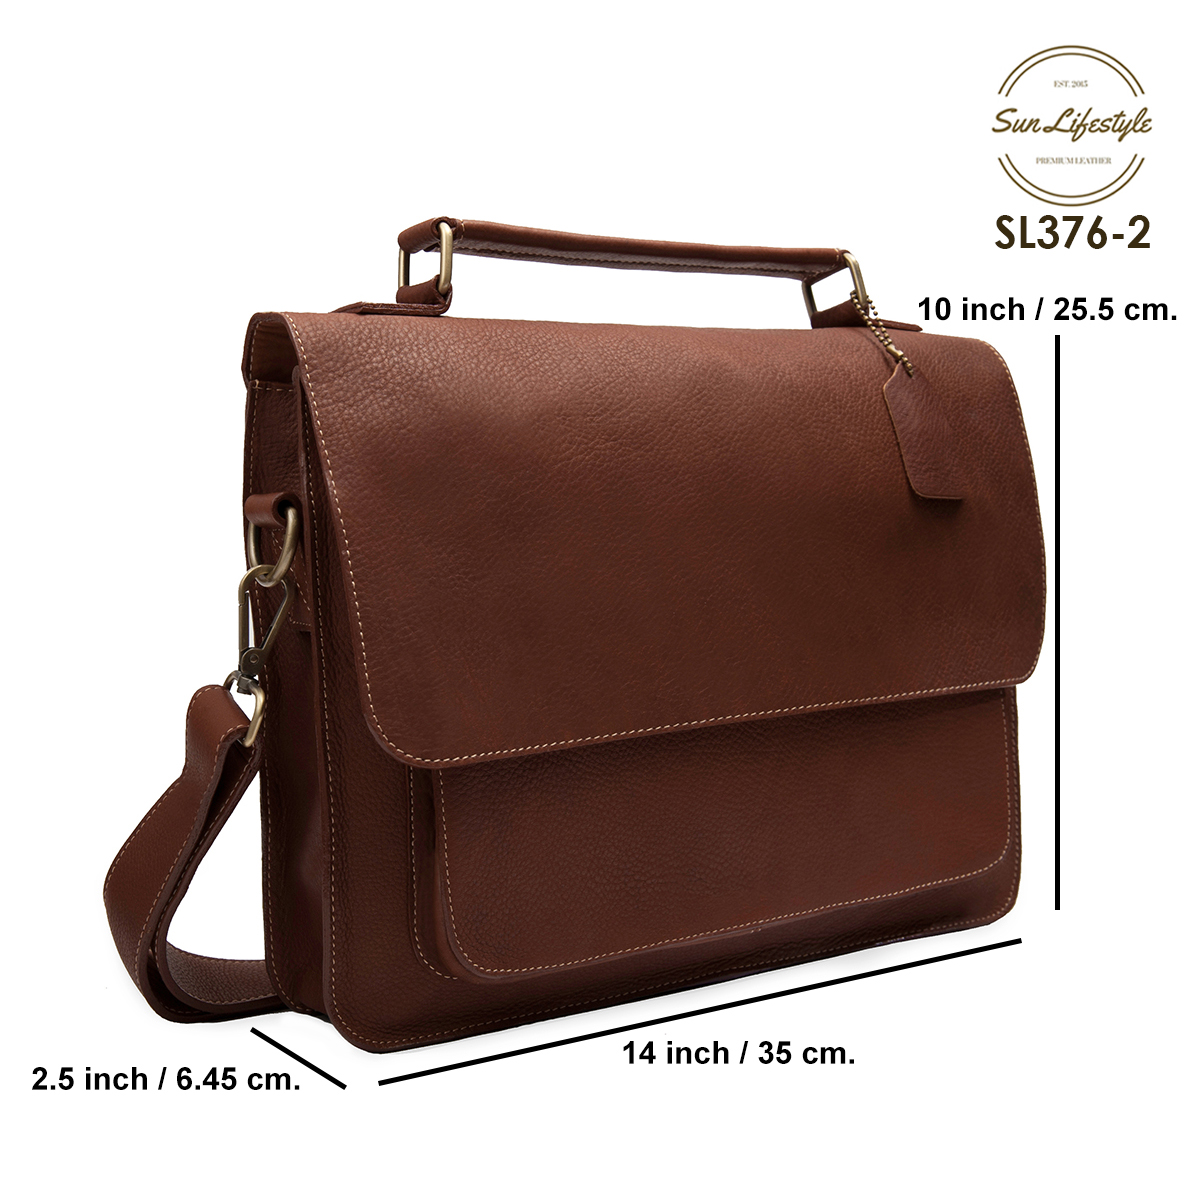 SL376 กระเป๋าสะพายหนังแท้ใส่เอกสาร แล็ปท็อป (ถือ/สะพาย)